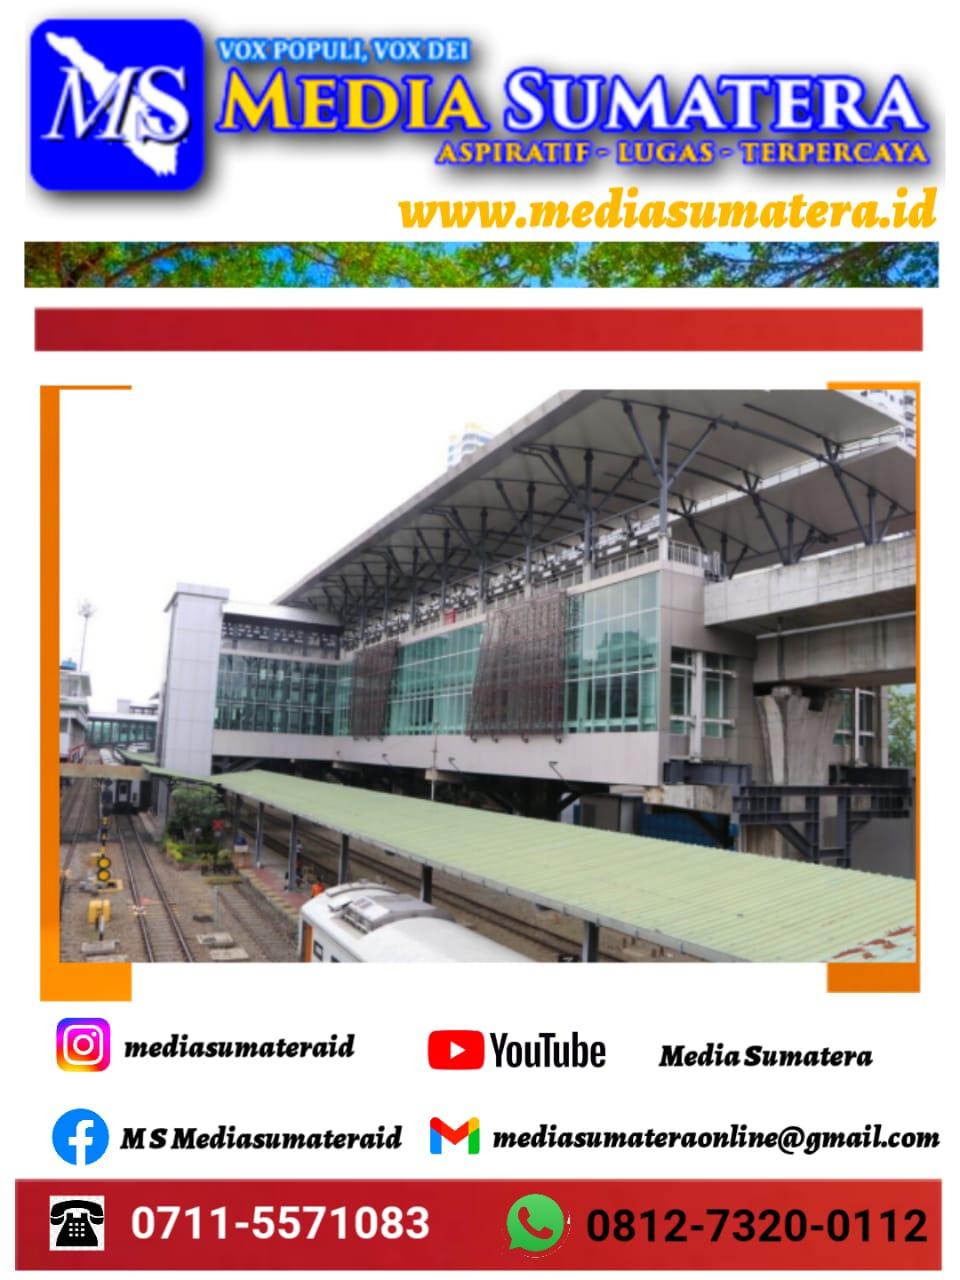 Kereta Api Perkotaan Medan, Binjai, Deli Serdang Digagas Jadi Tulang Punggung Transportasi